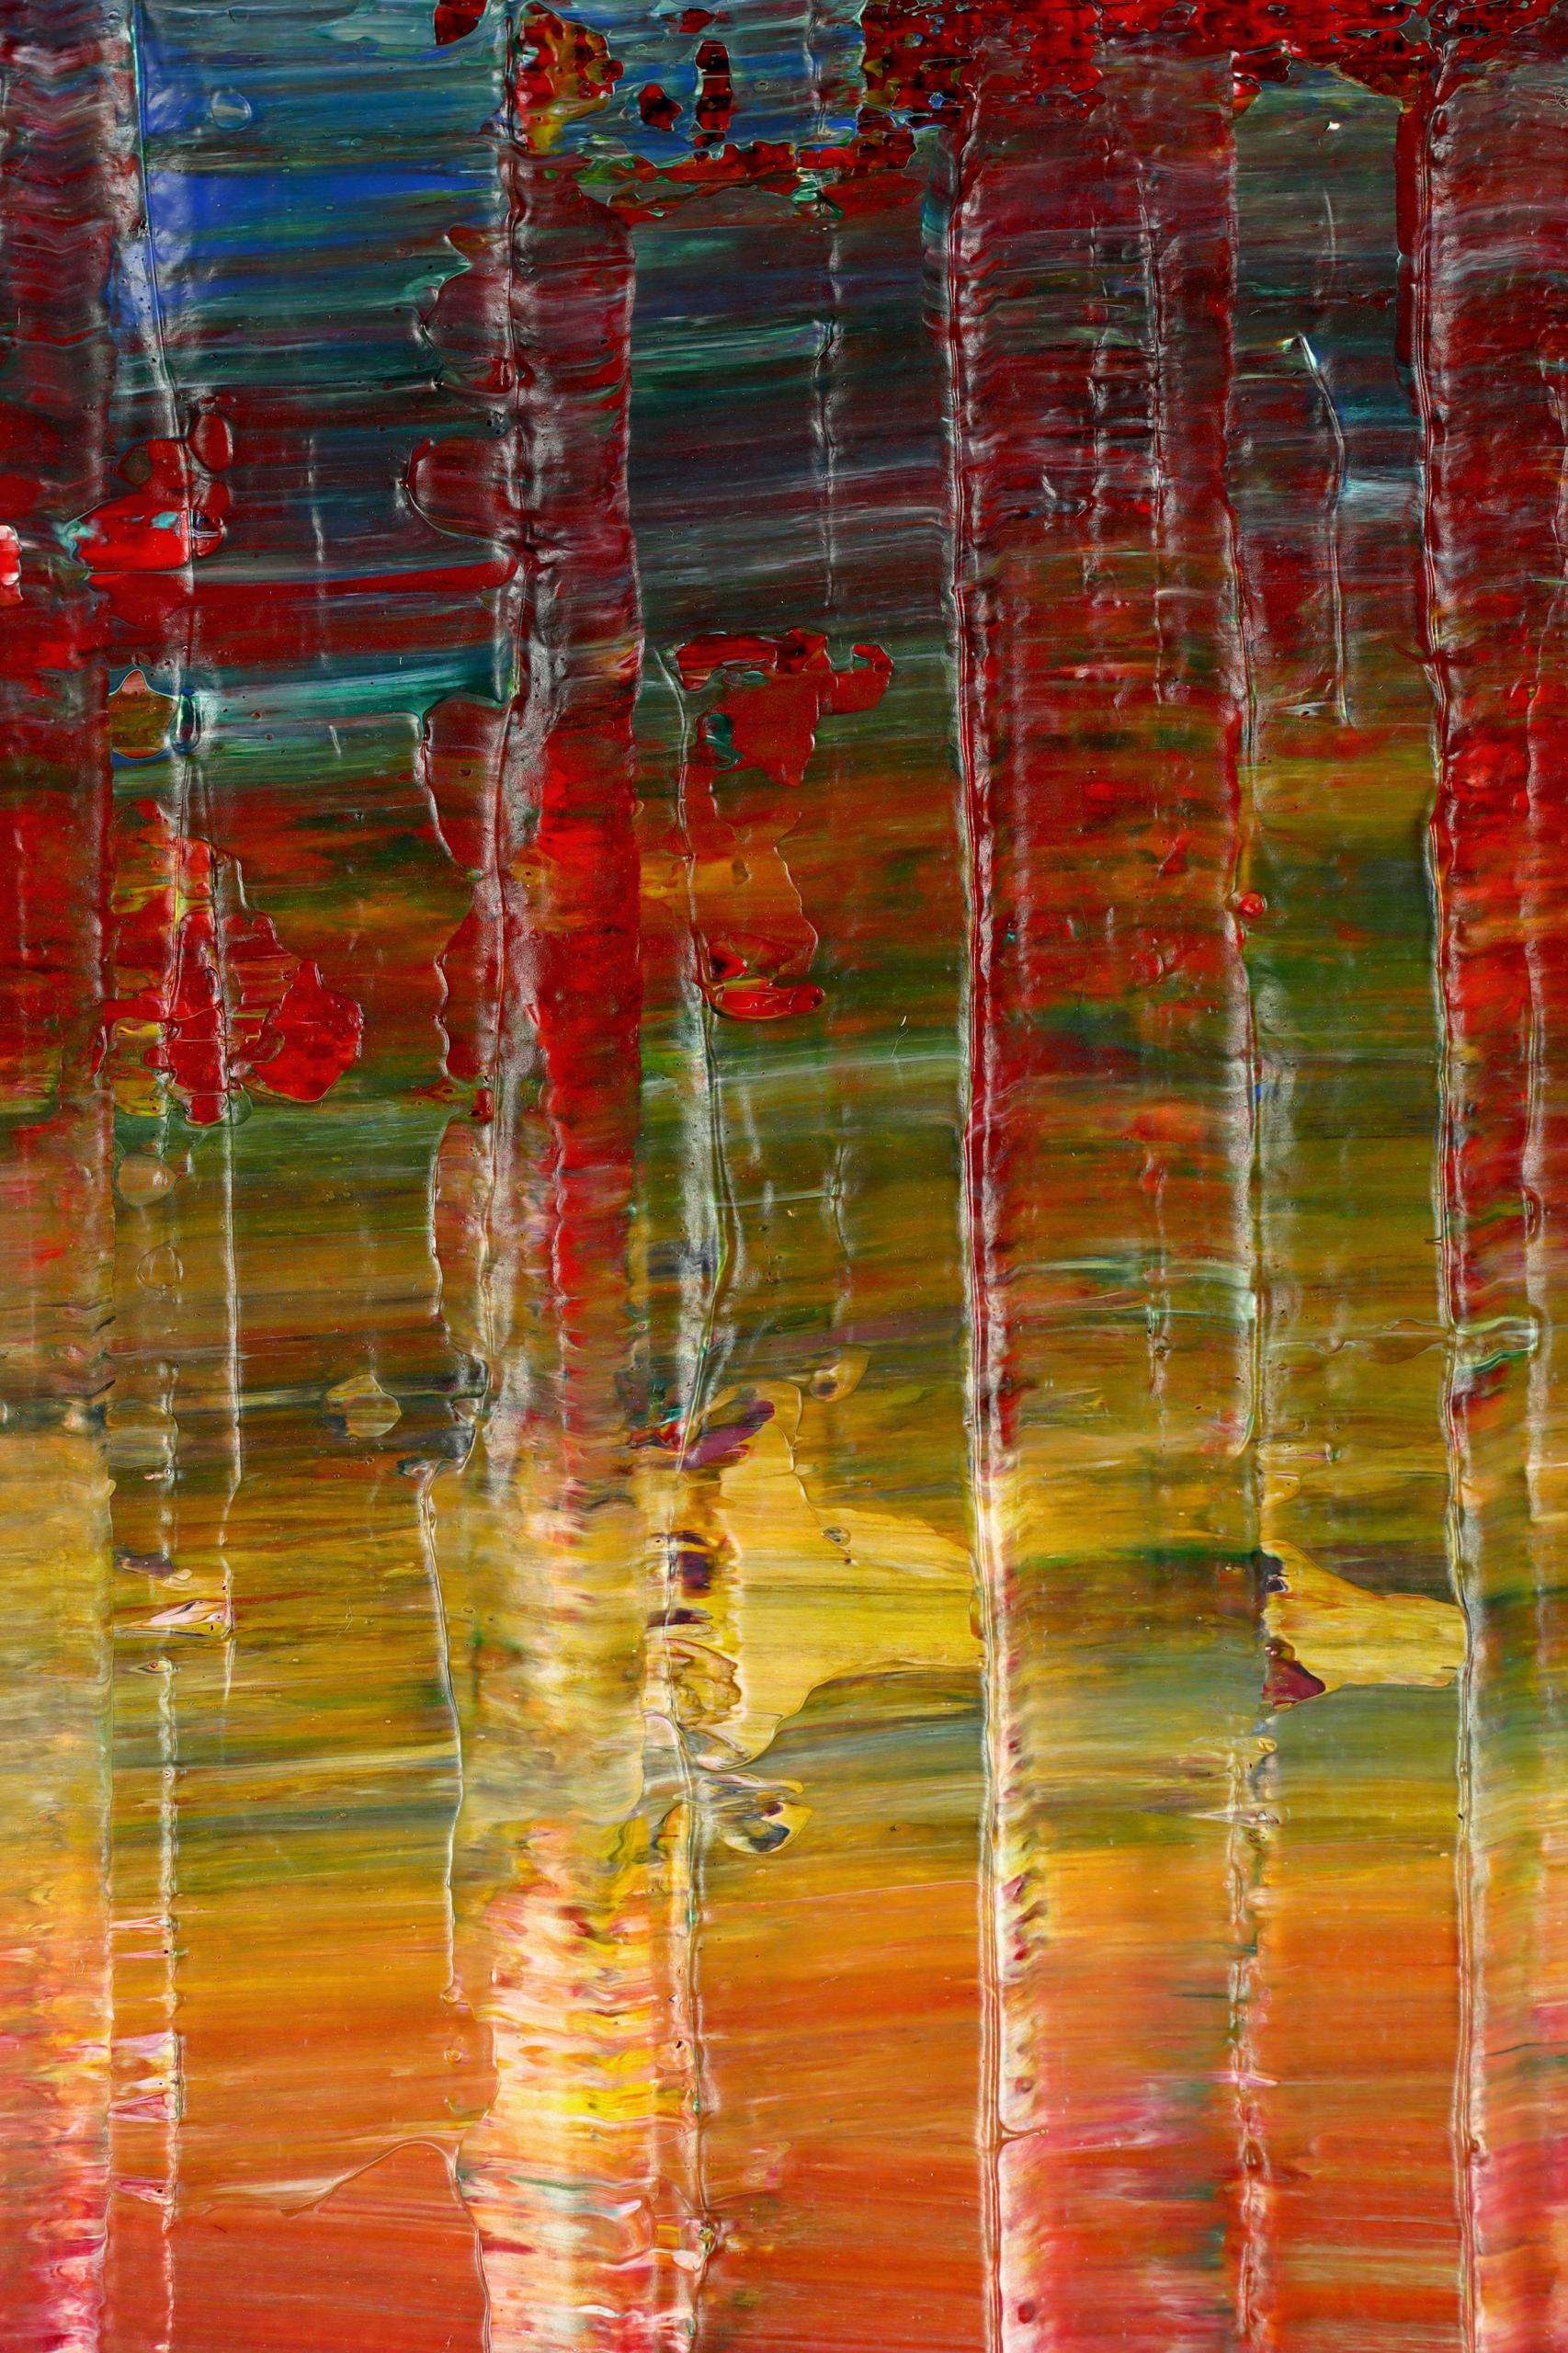 DETAIL / A Matter of Nature 9 (Tropics Reflections) (2021) / Artist: Nestor Toro